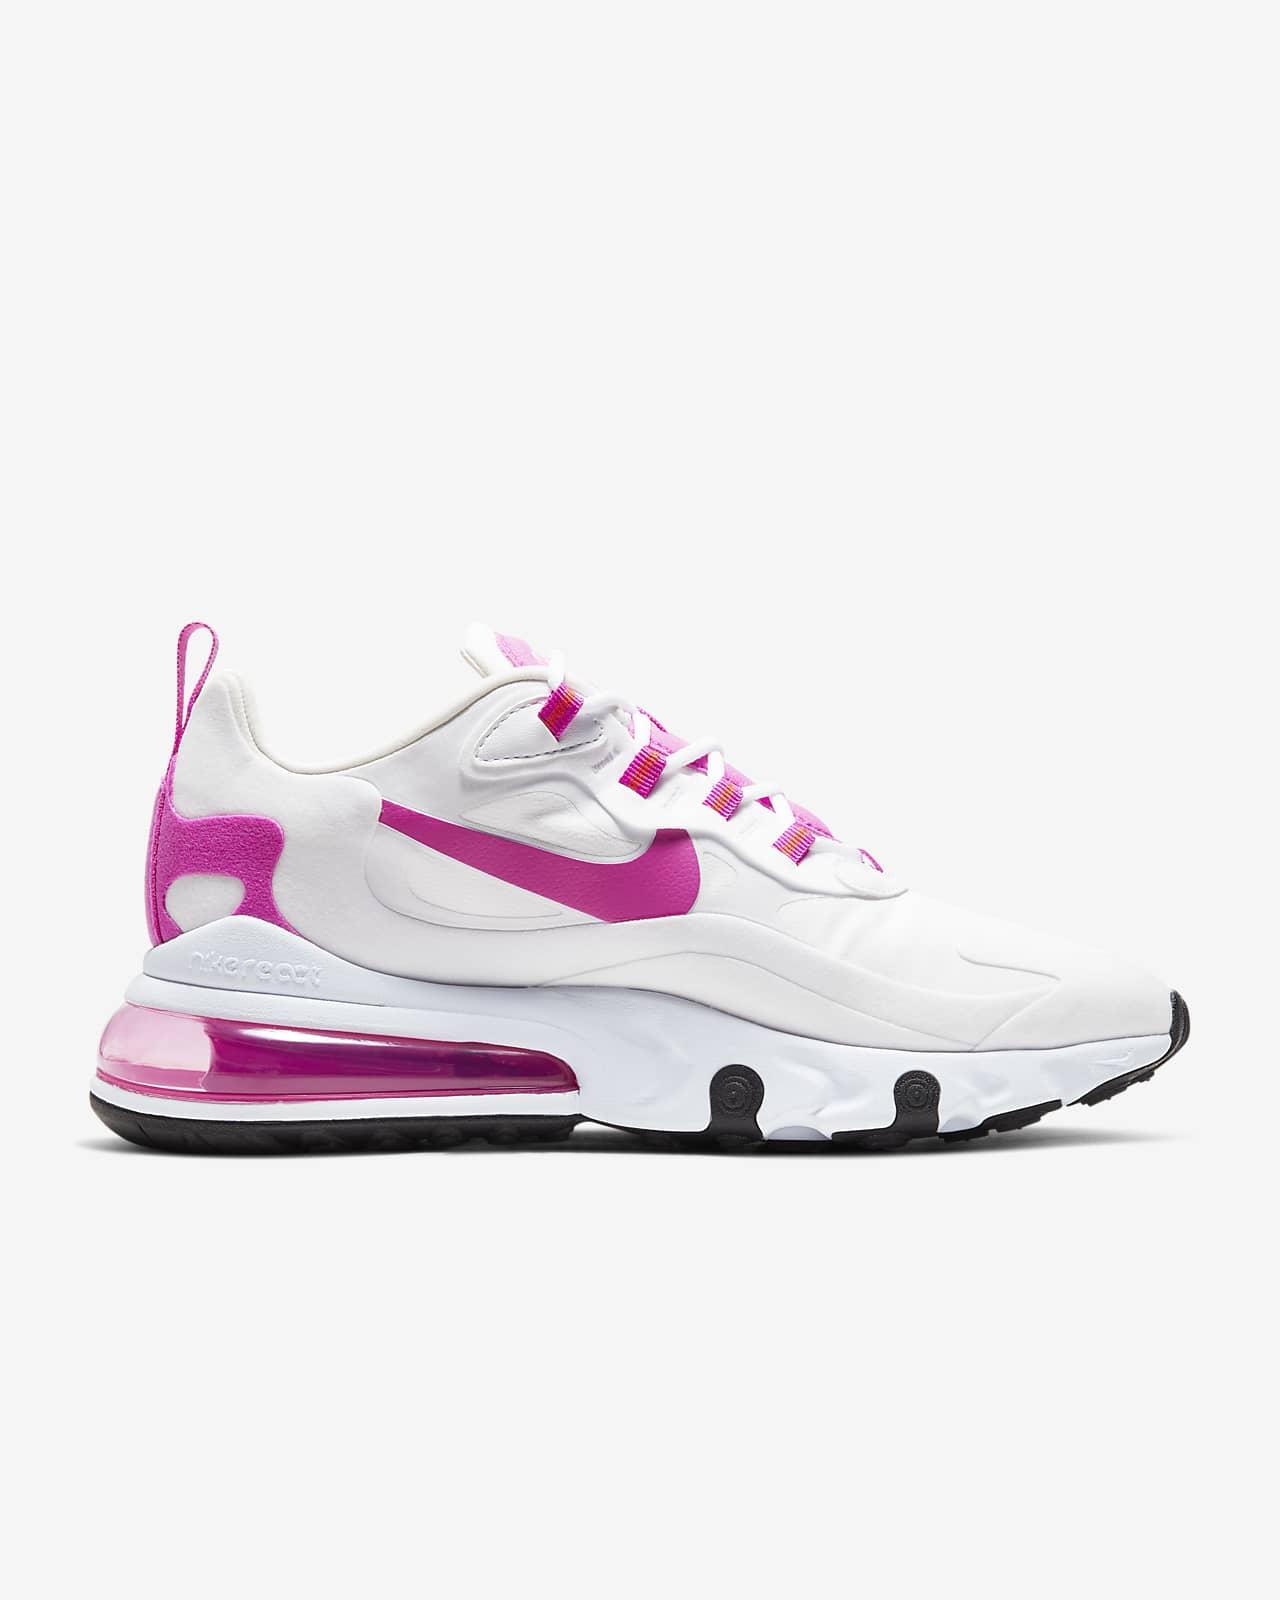 Nike Air Max 95 W chaussures blanc violet dans le shop WeAre